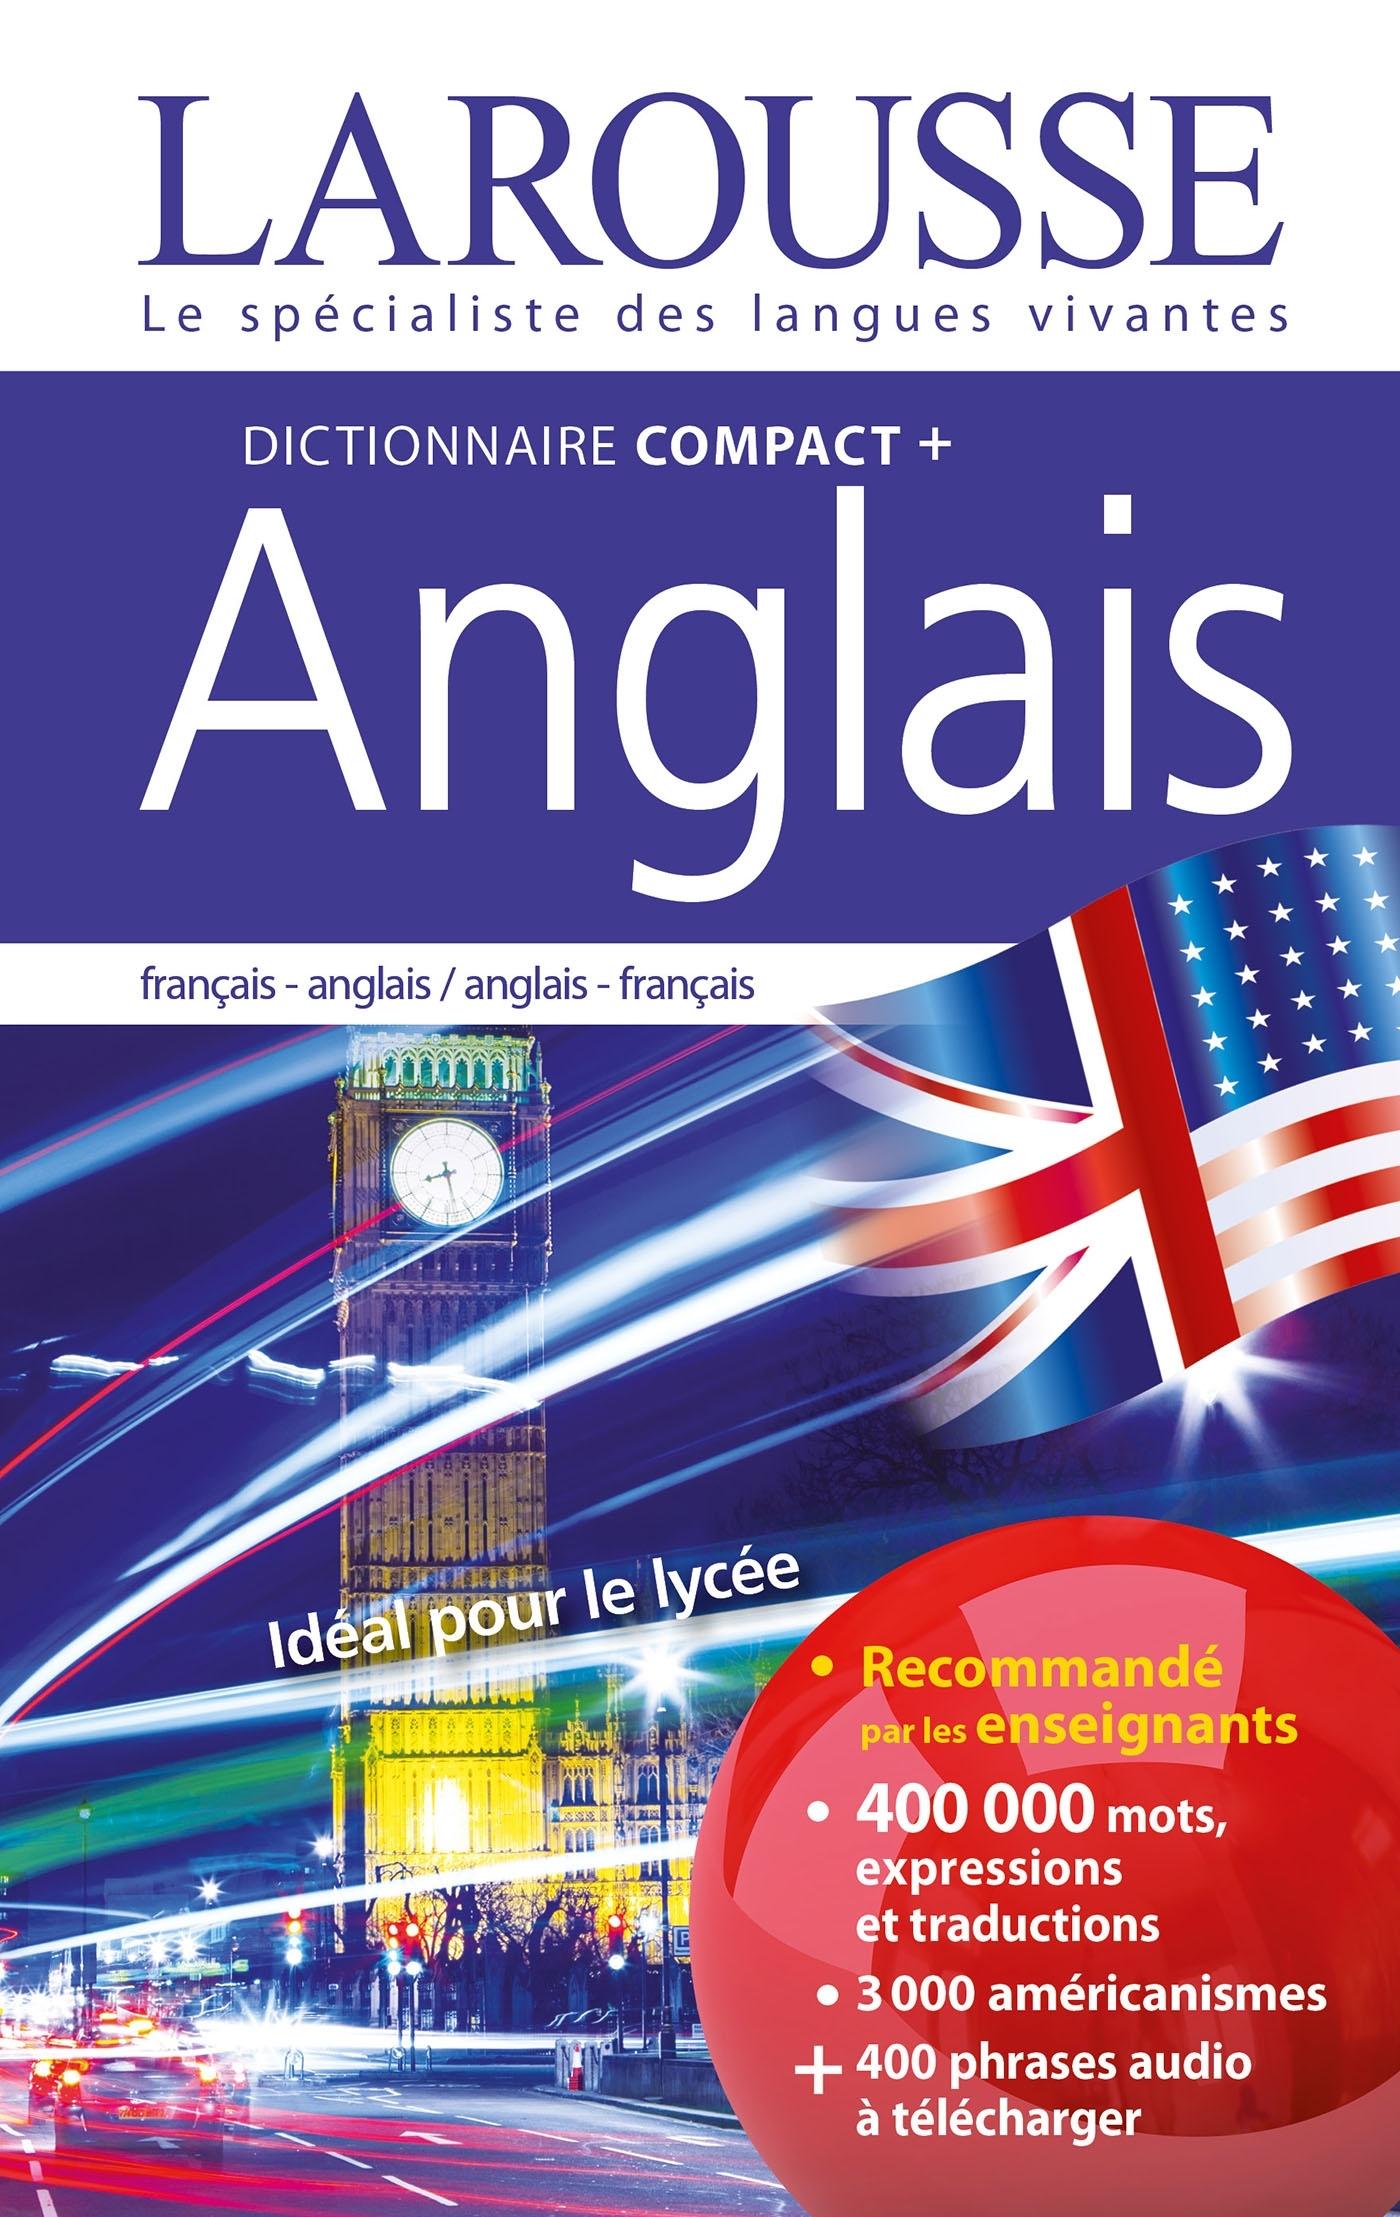 DICTIONNAIRE COMPACT PLUS FRANCAIS-ANGLAIS